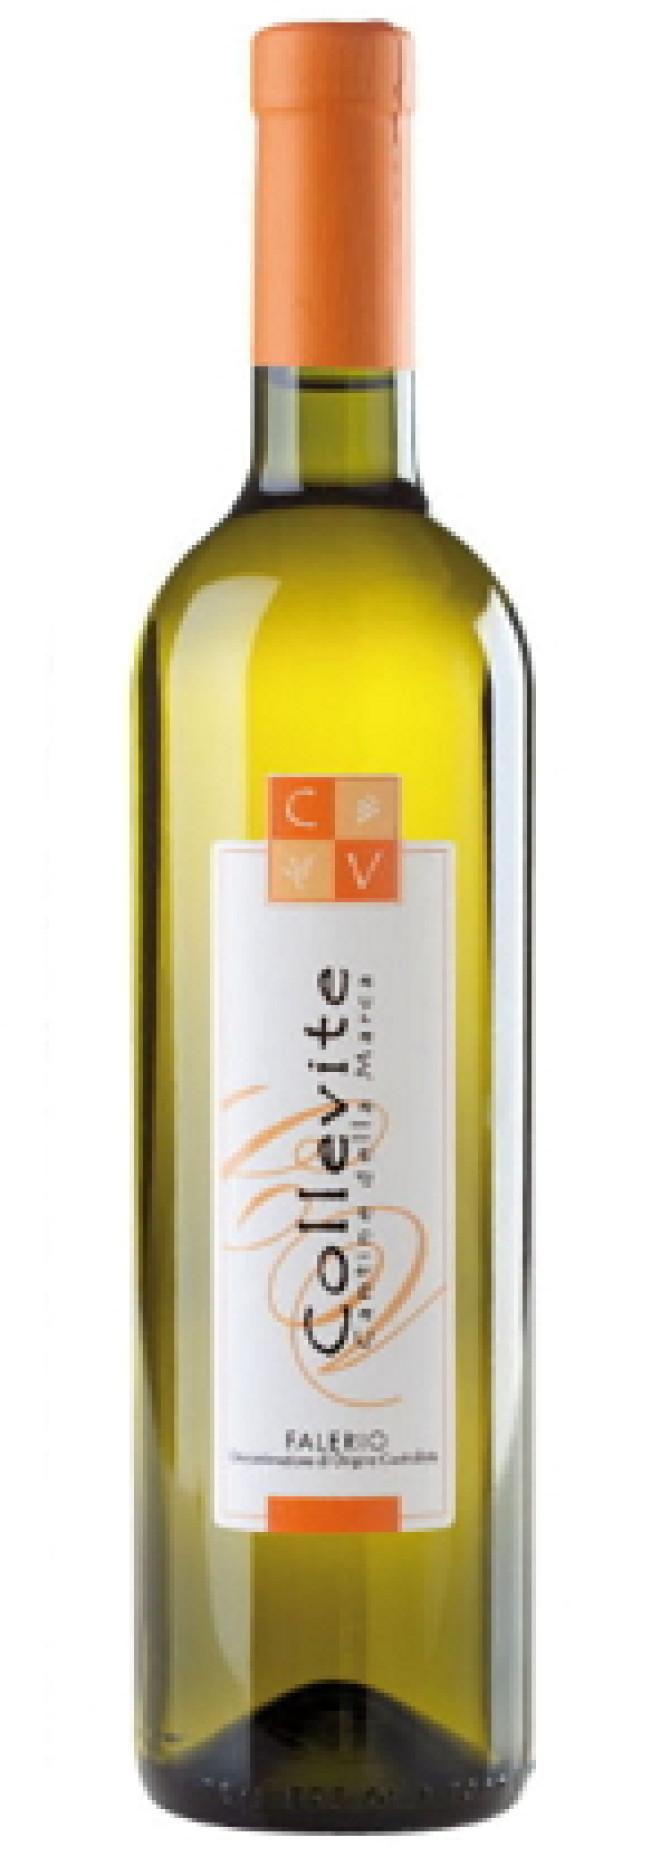 collevite-falerio-2012